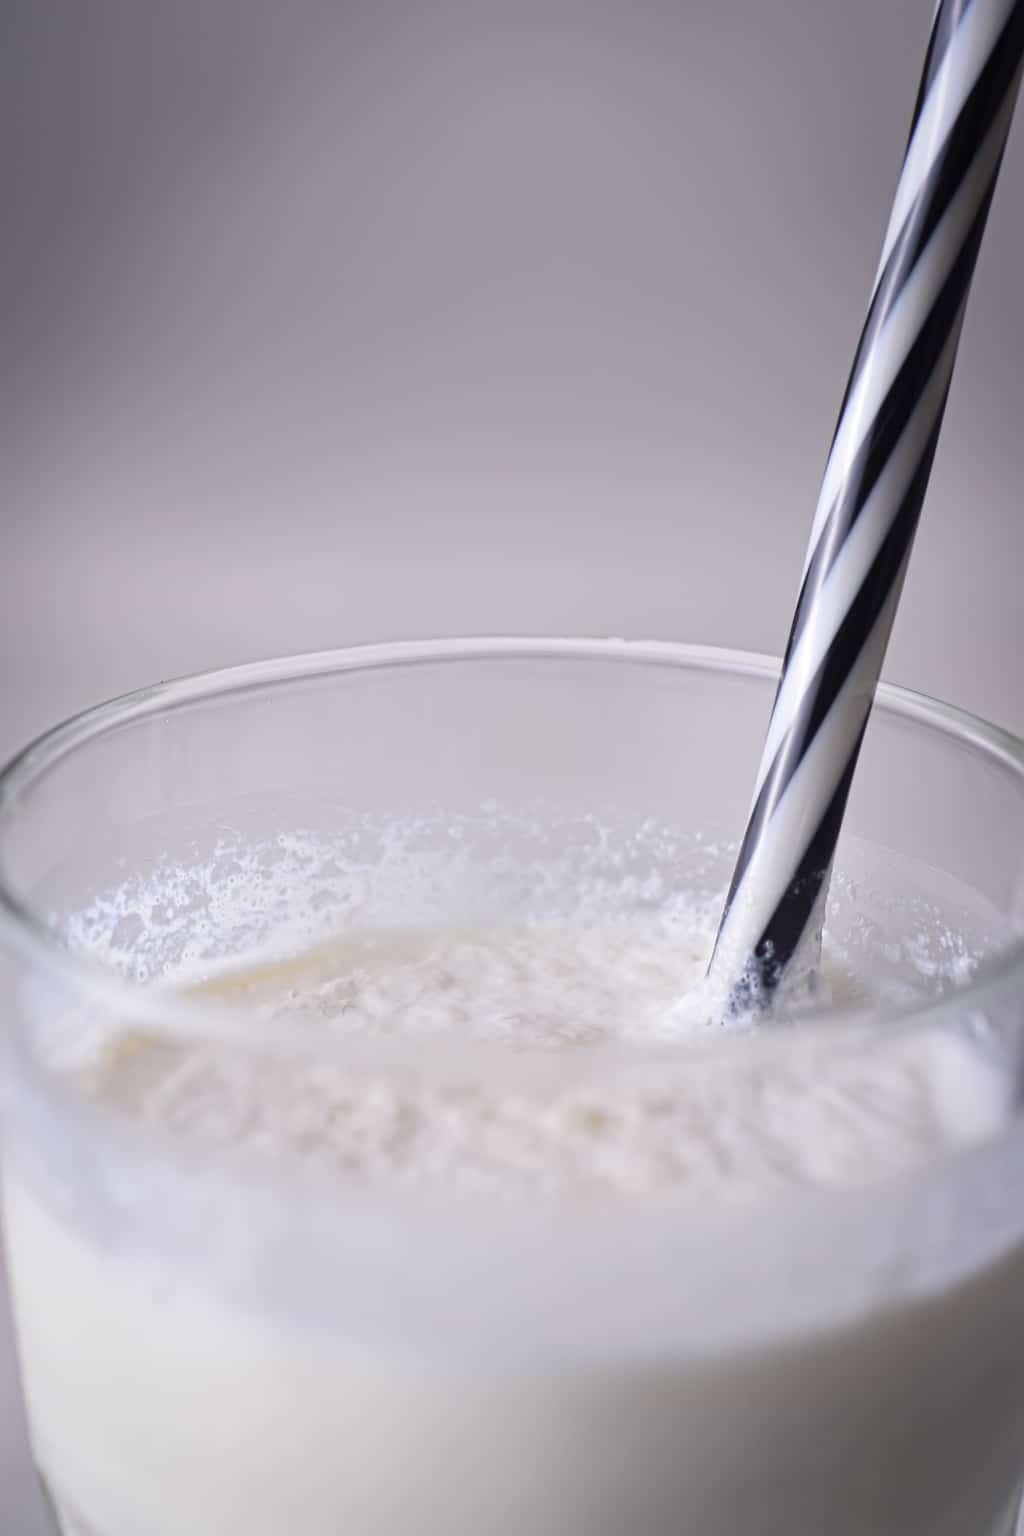 Keto Vanilla Milkshake